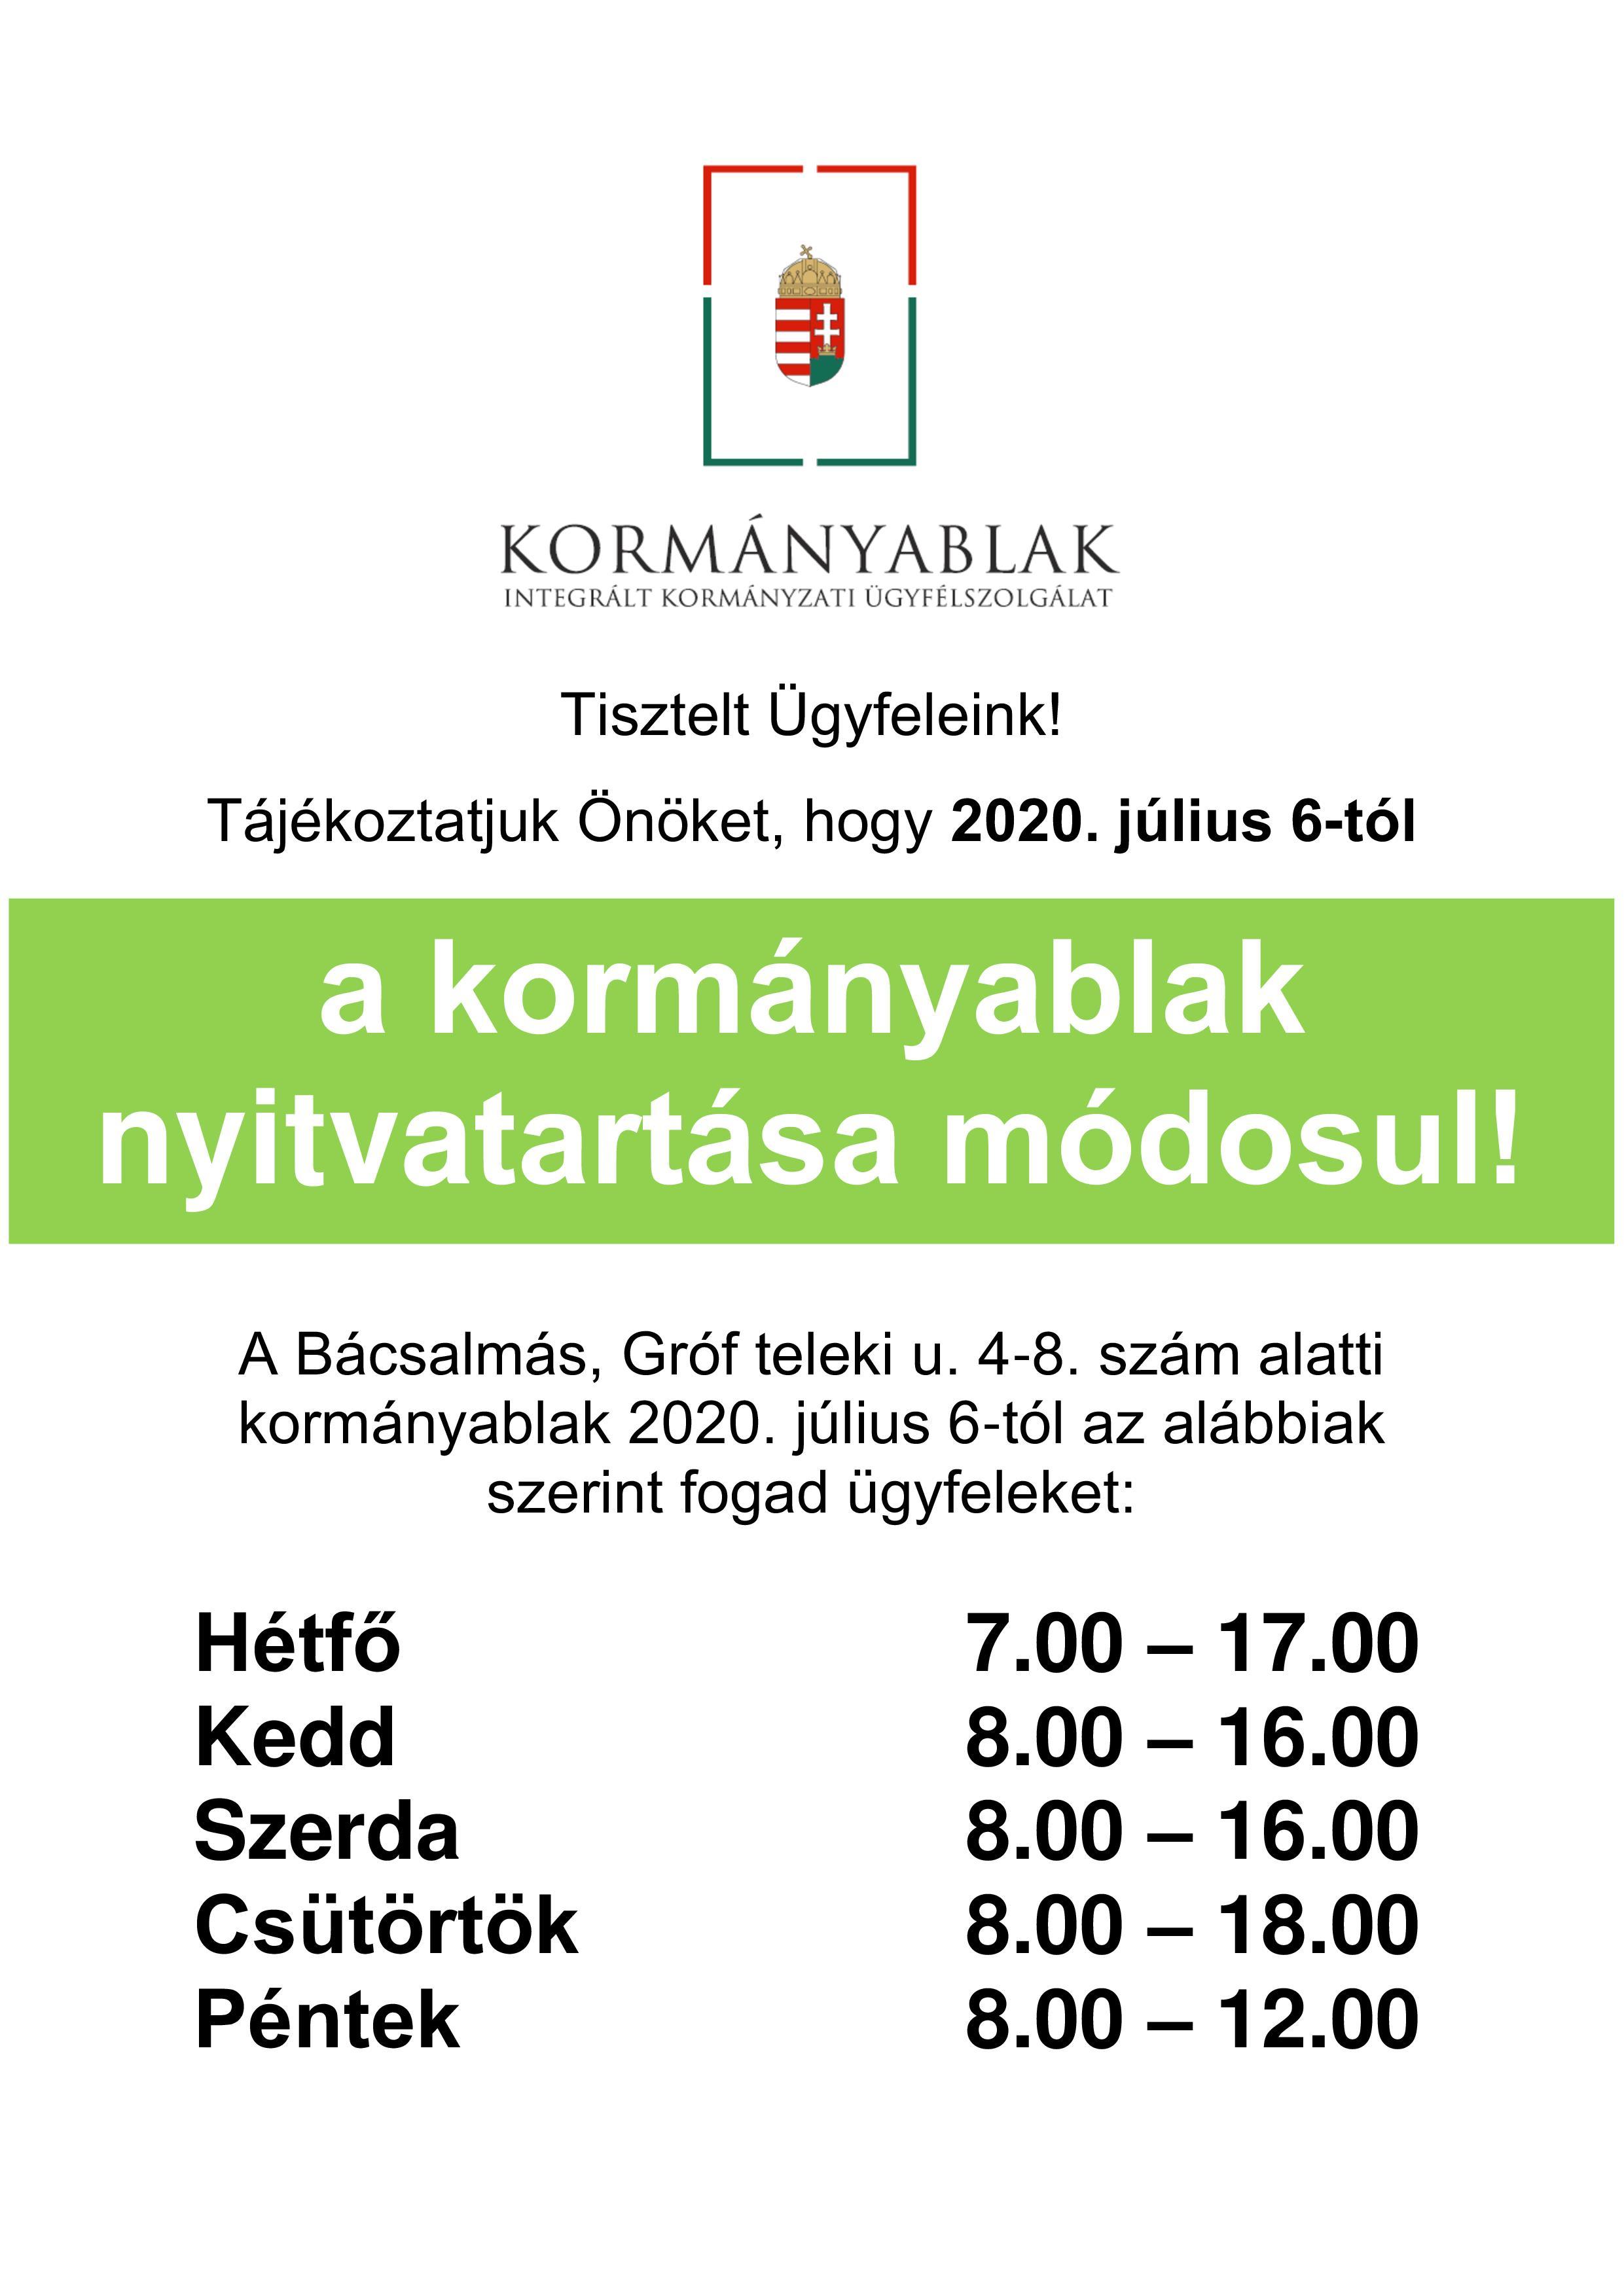 Kab_plakát_bácsalmás